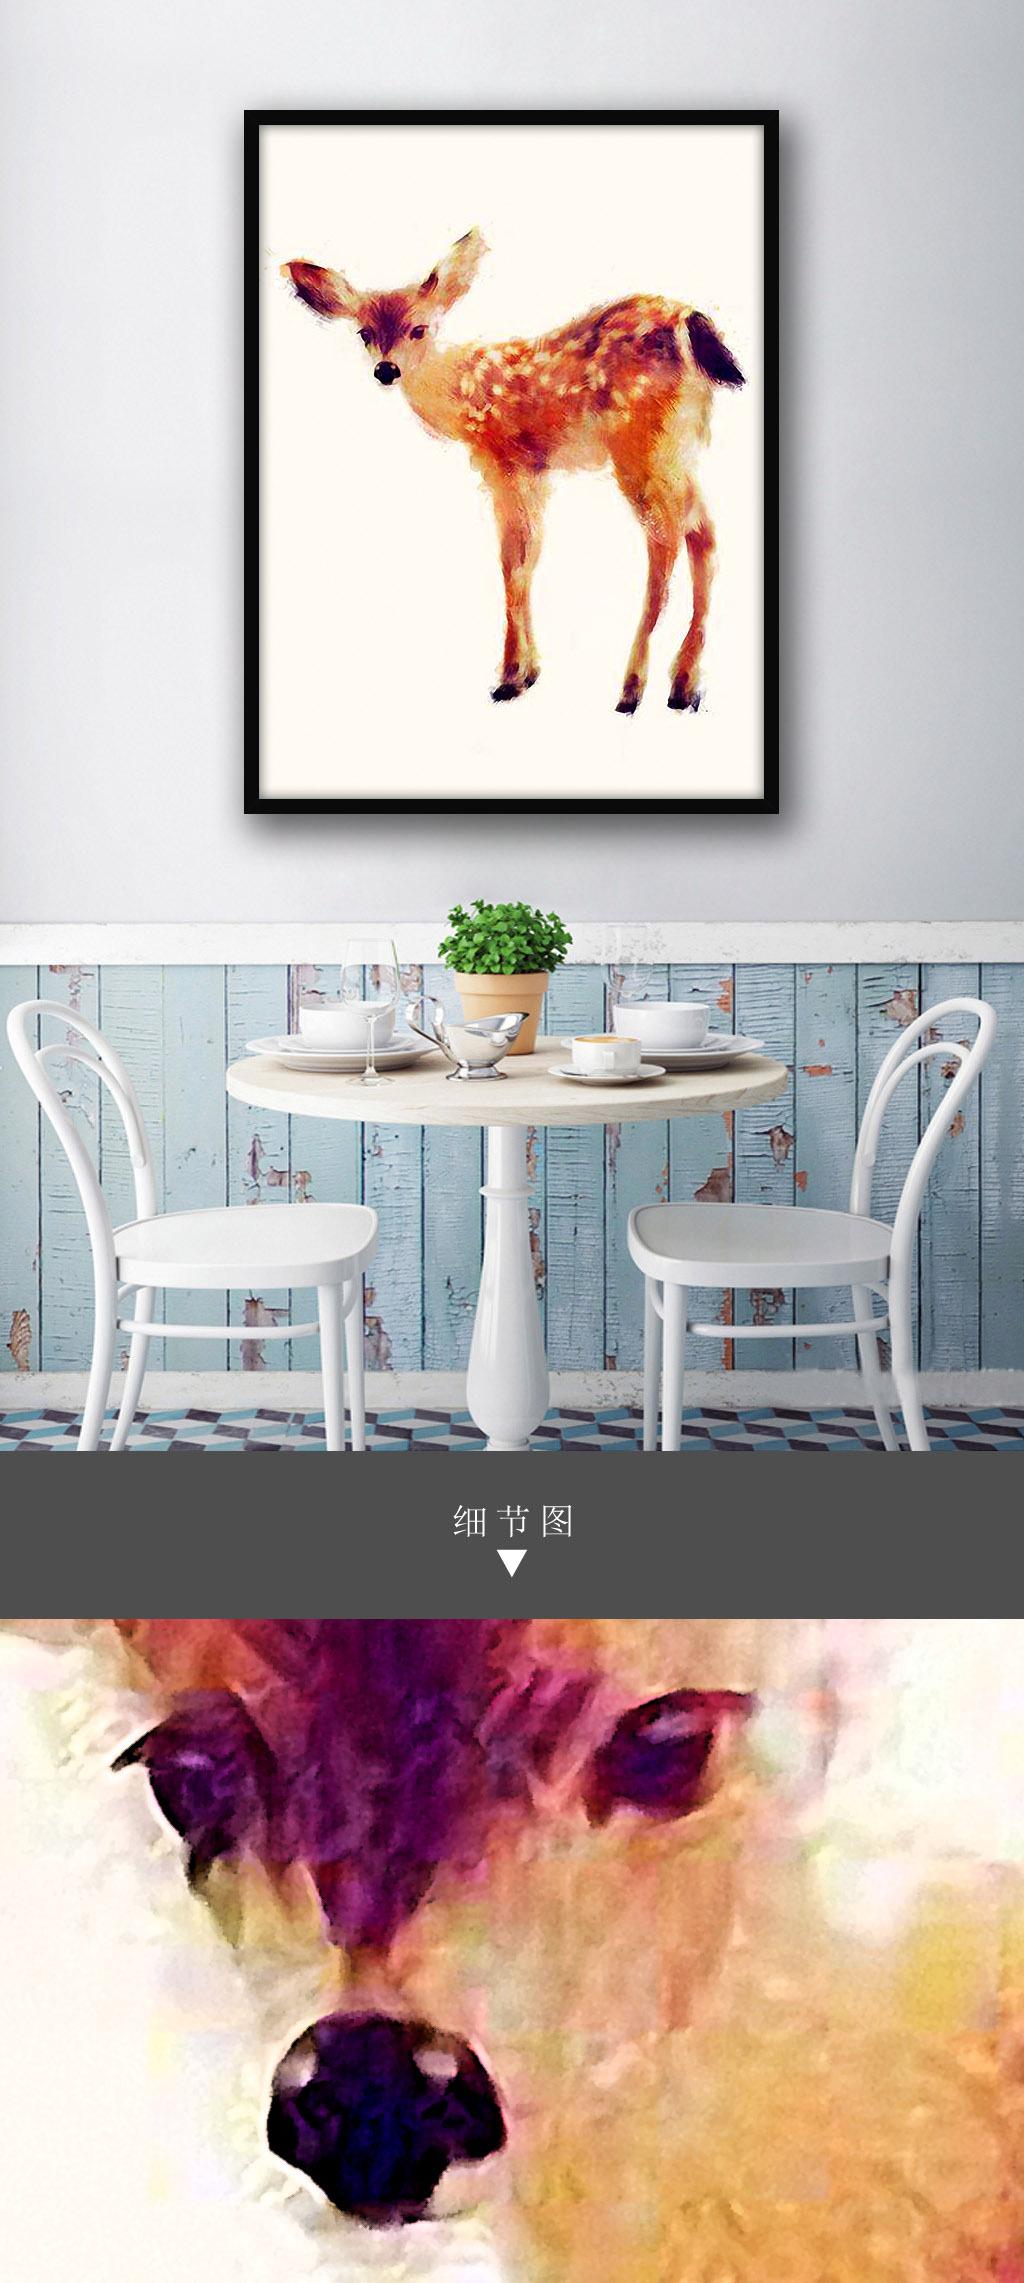 梅花鹿幼崽手绘小清新水彩画欧式室内装饰画